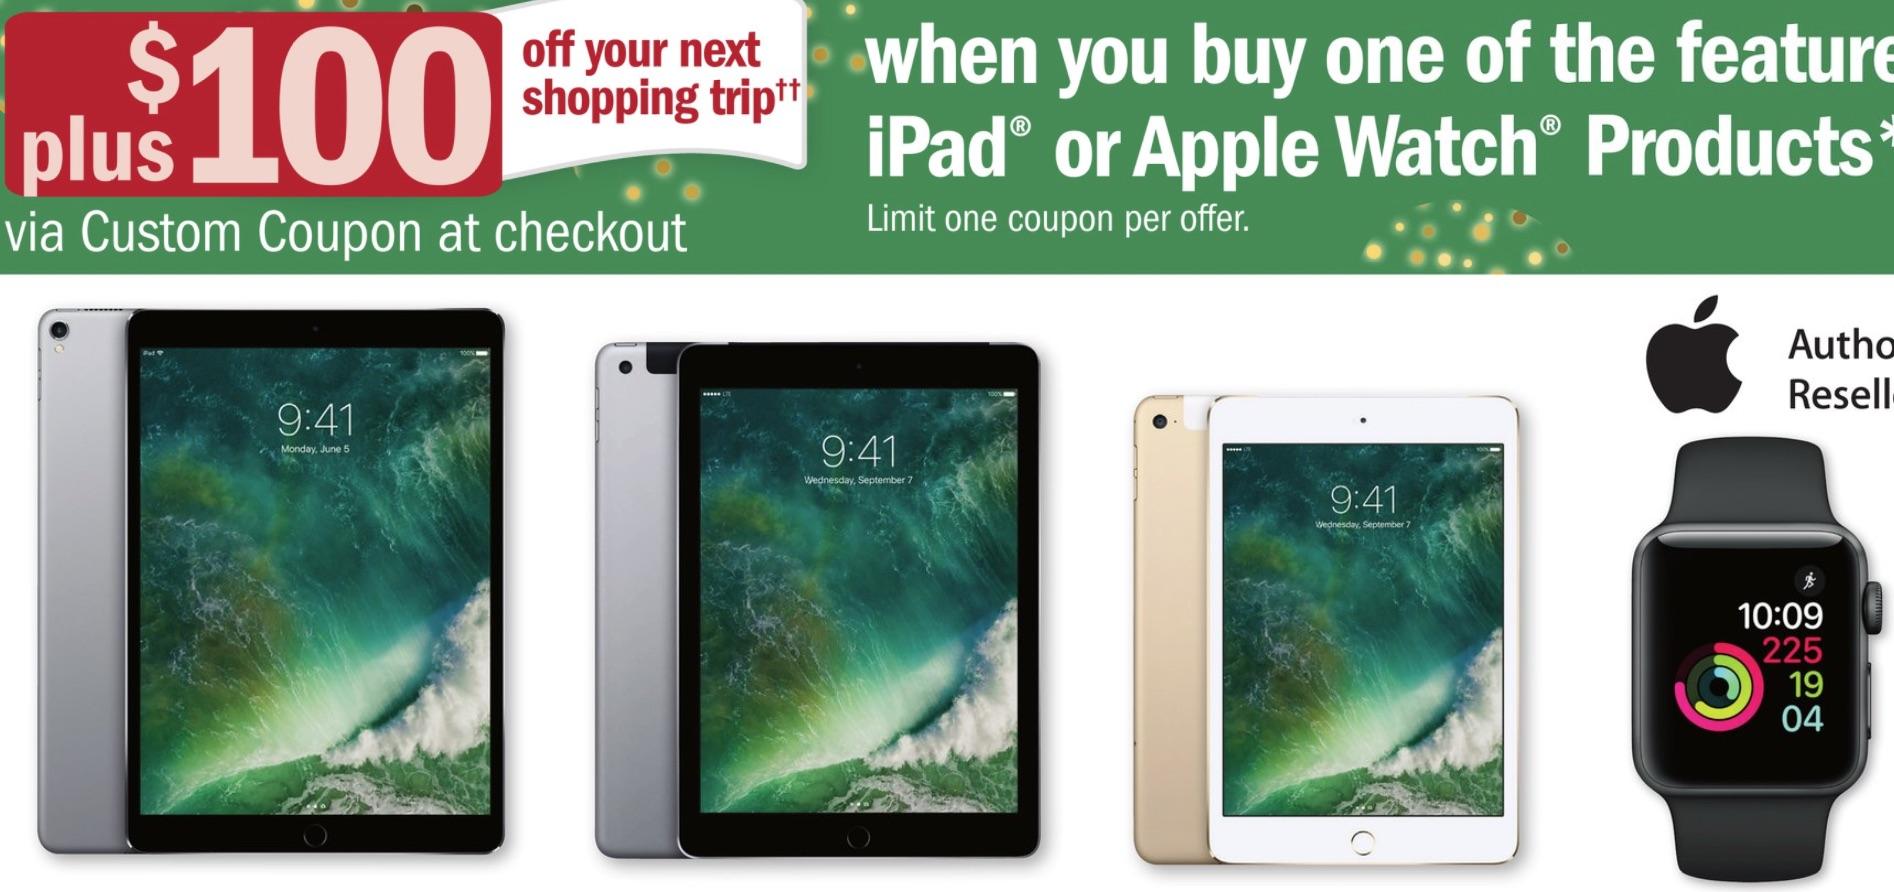 Meijer iPad $329+$100 Coupon - Apple TV 4K $234+$100 Coupon - Apple Watch $229+$100 Coupon